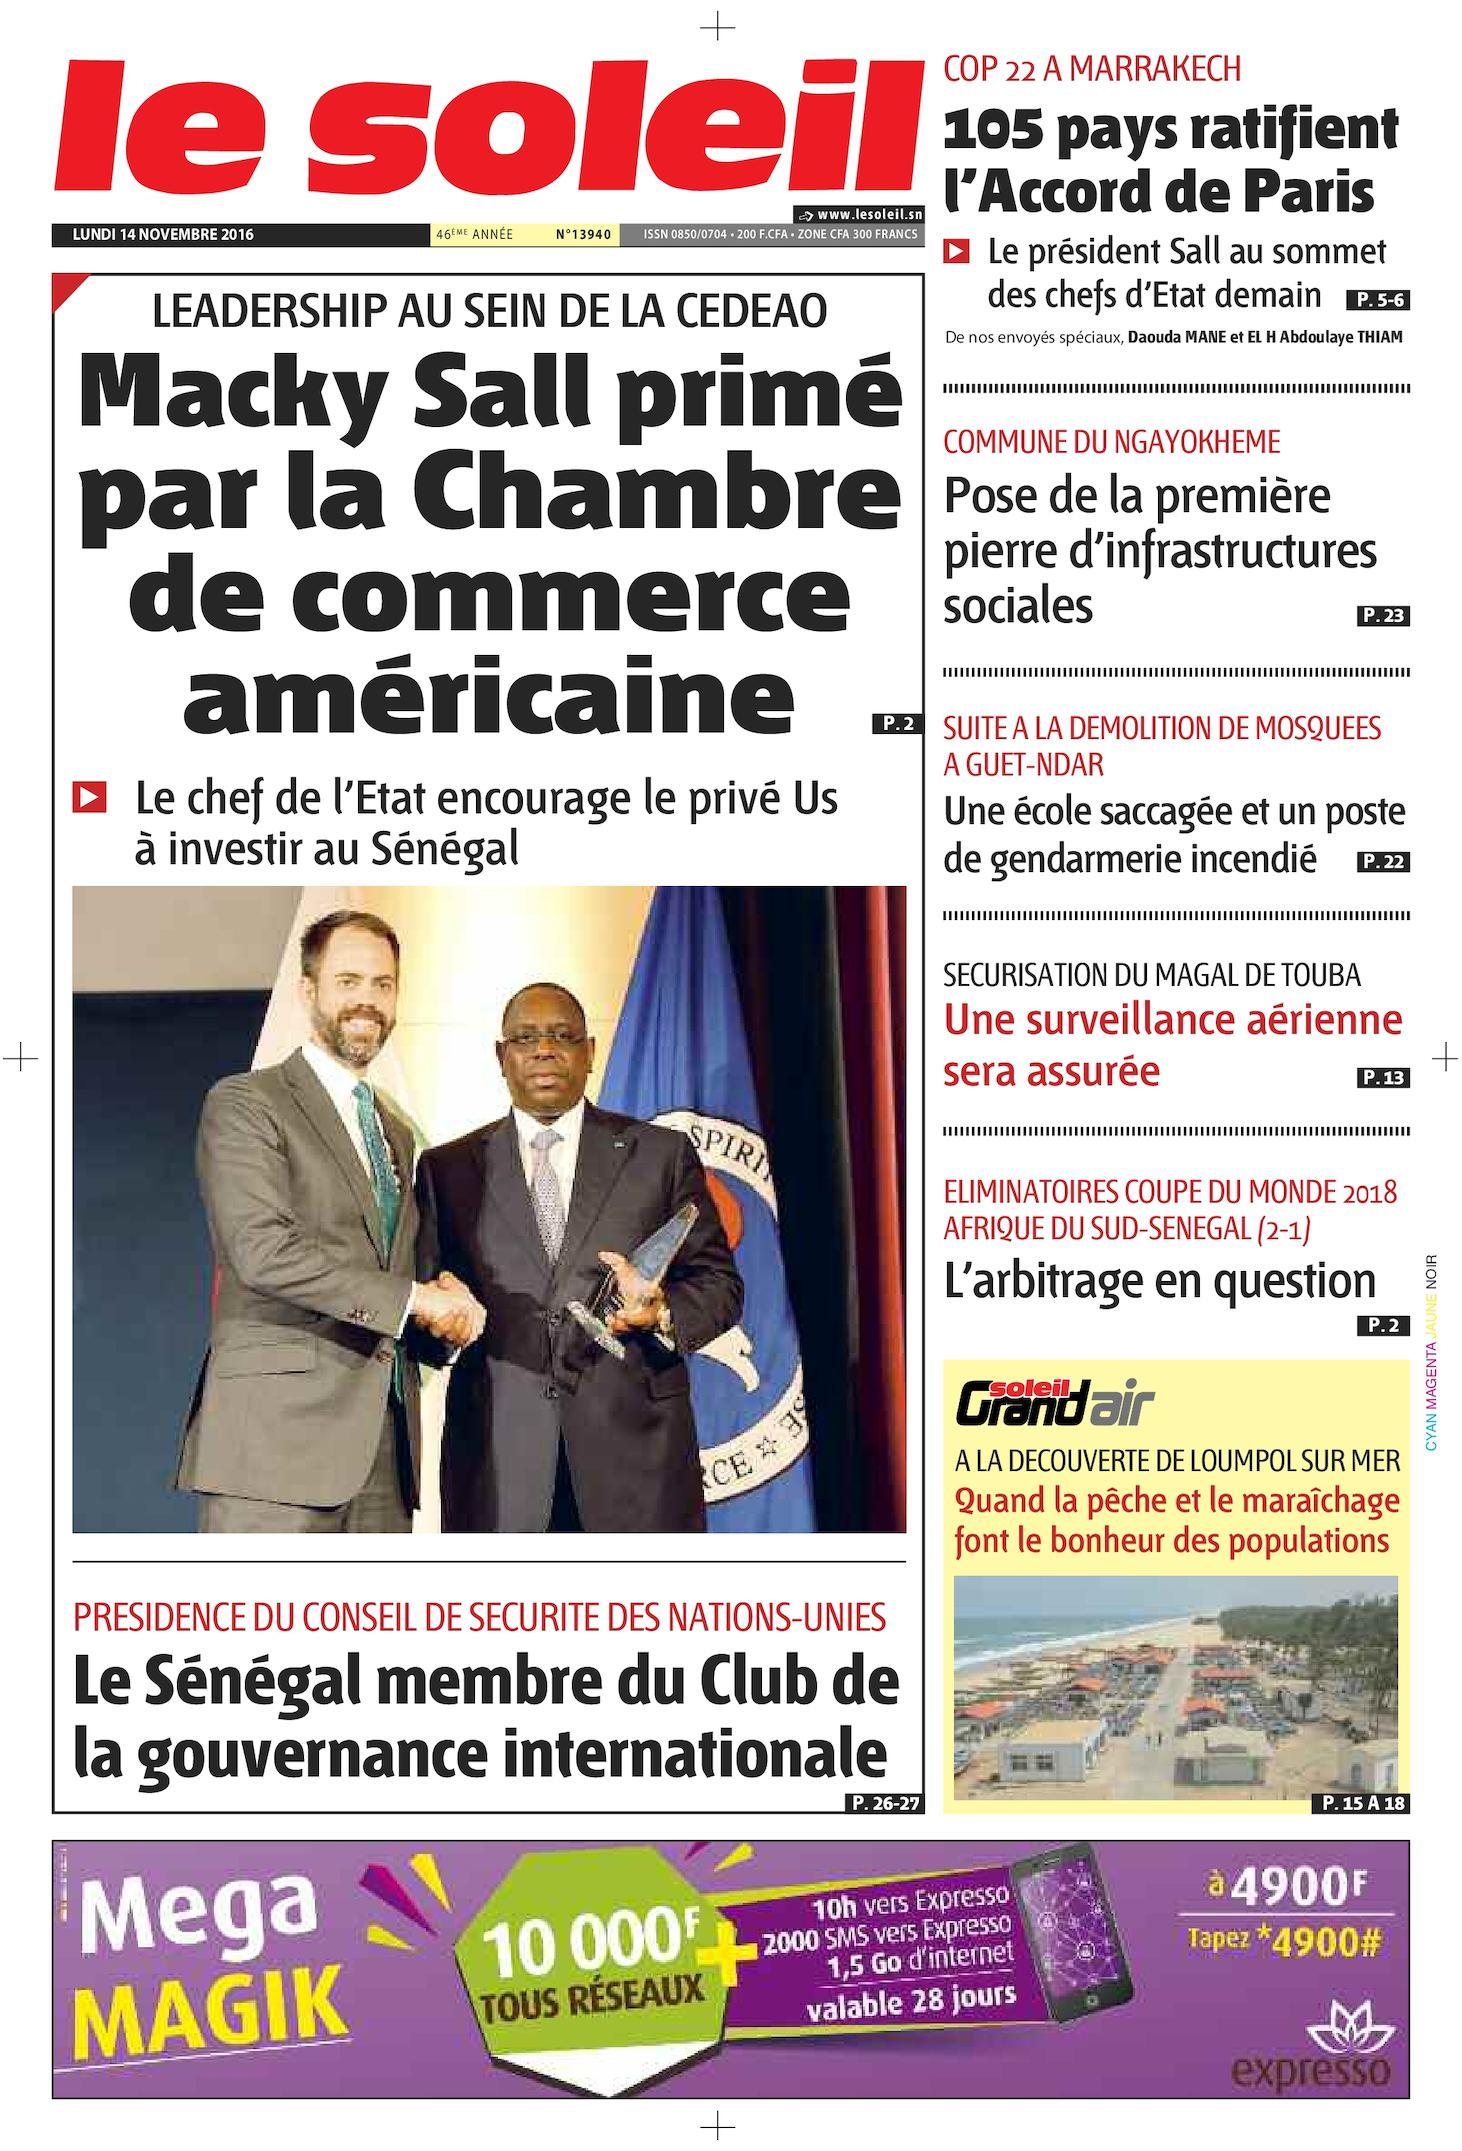 2016 Novembre Du Calaméo 14 Edition f7ntqIP